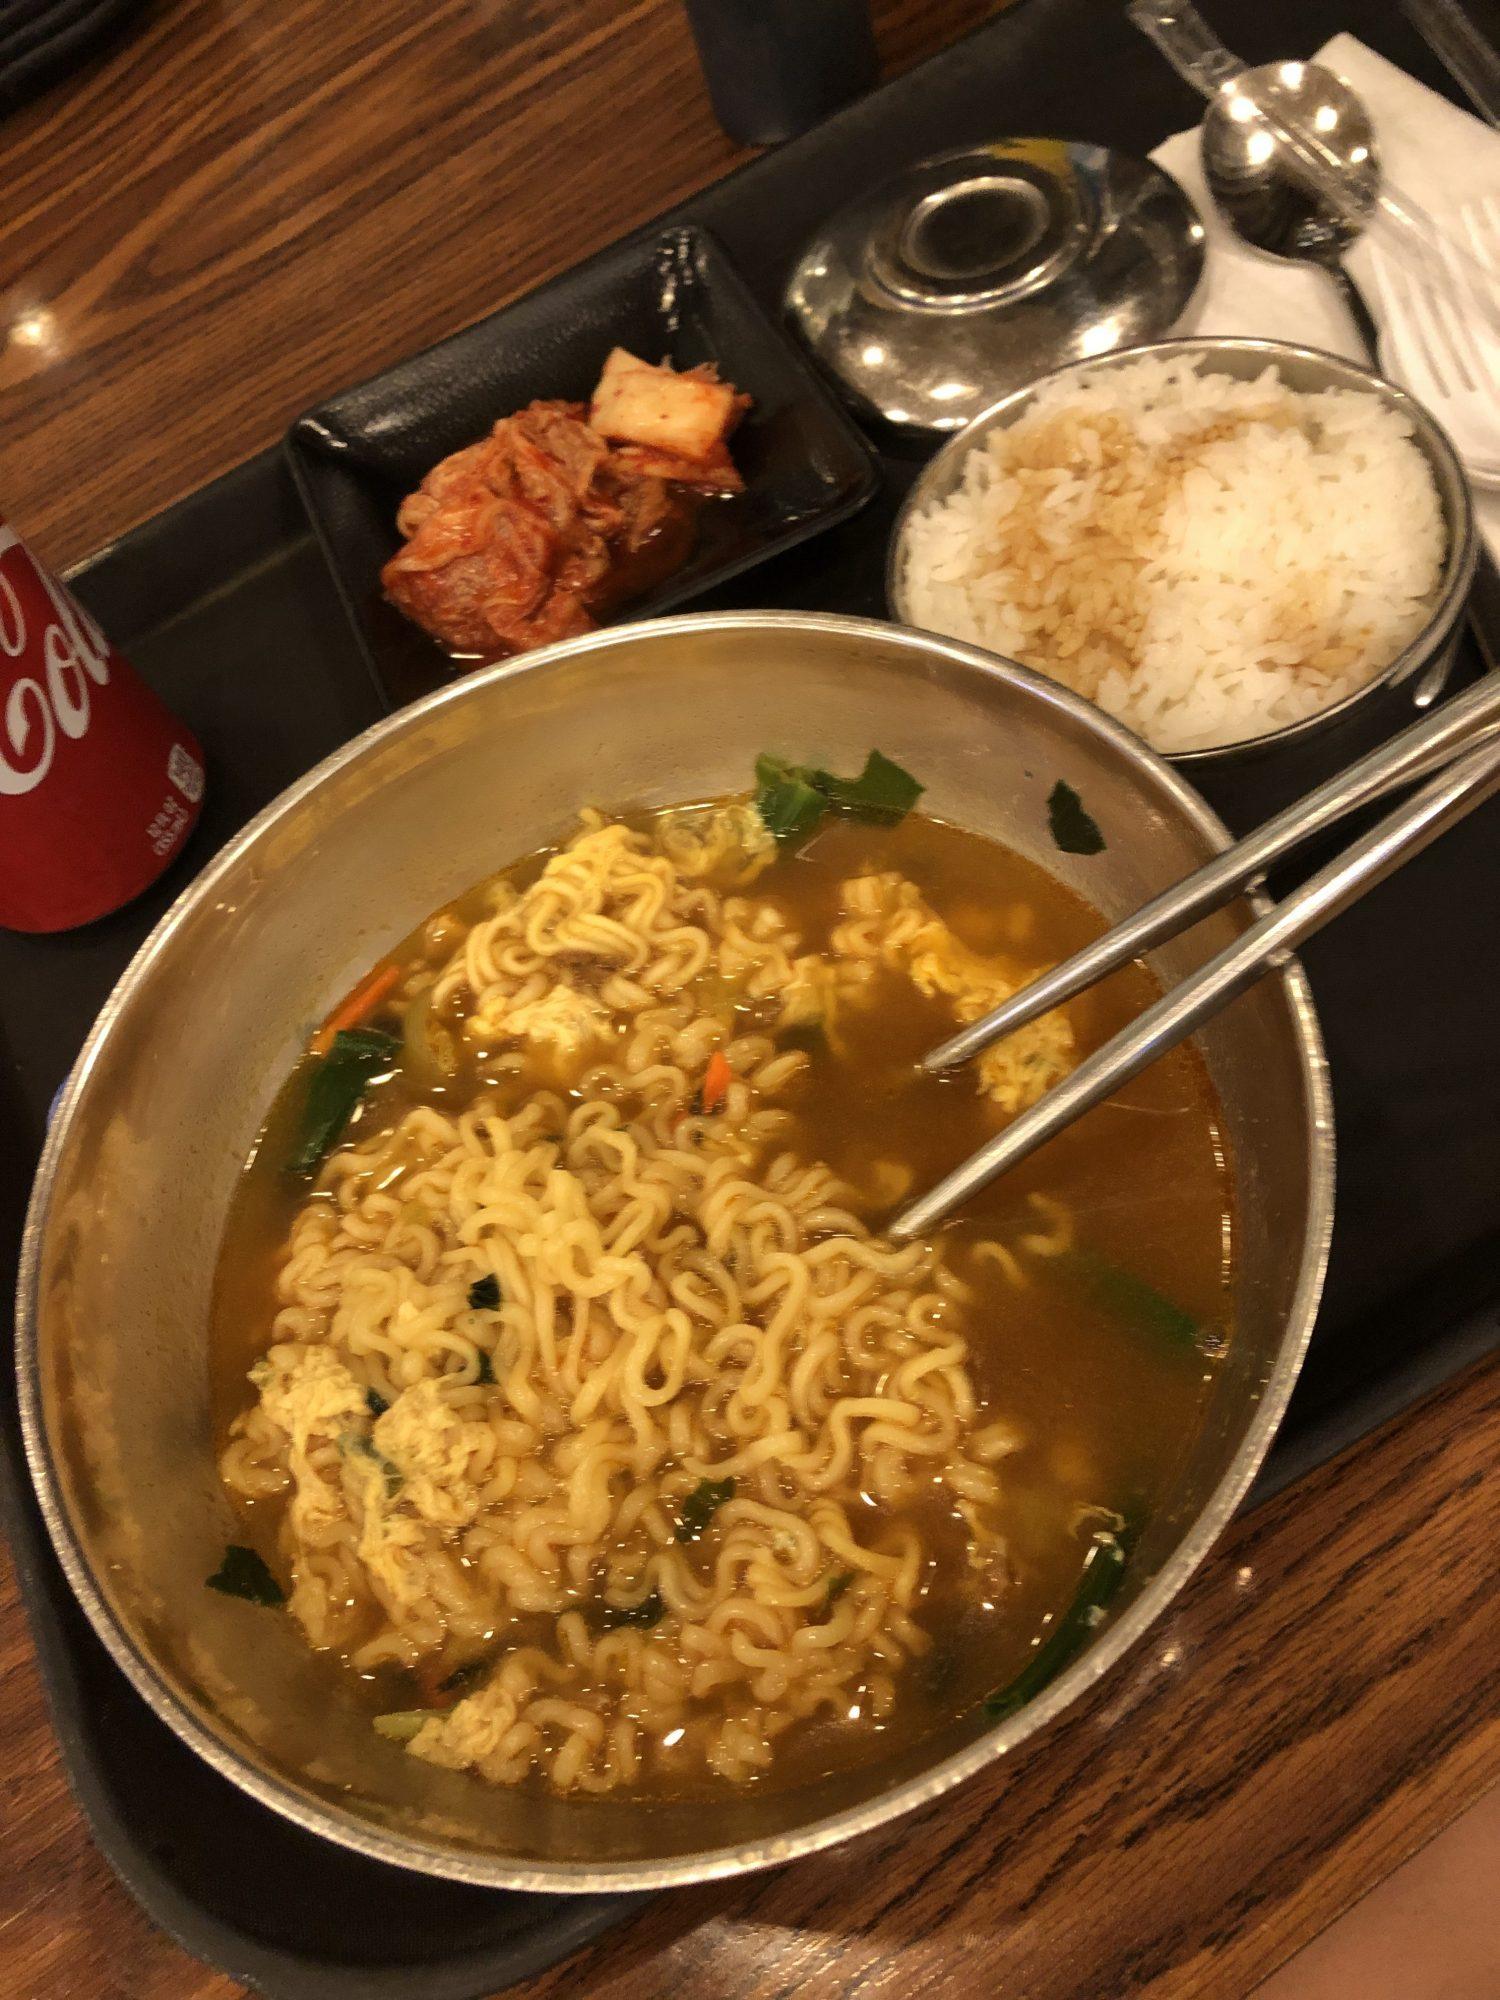 korean-spa-review-dinner-e1551223060934.jpg